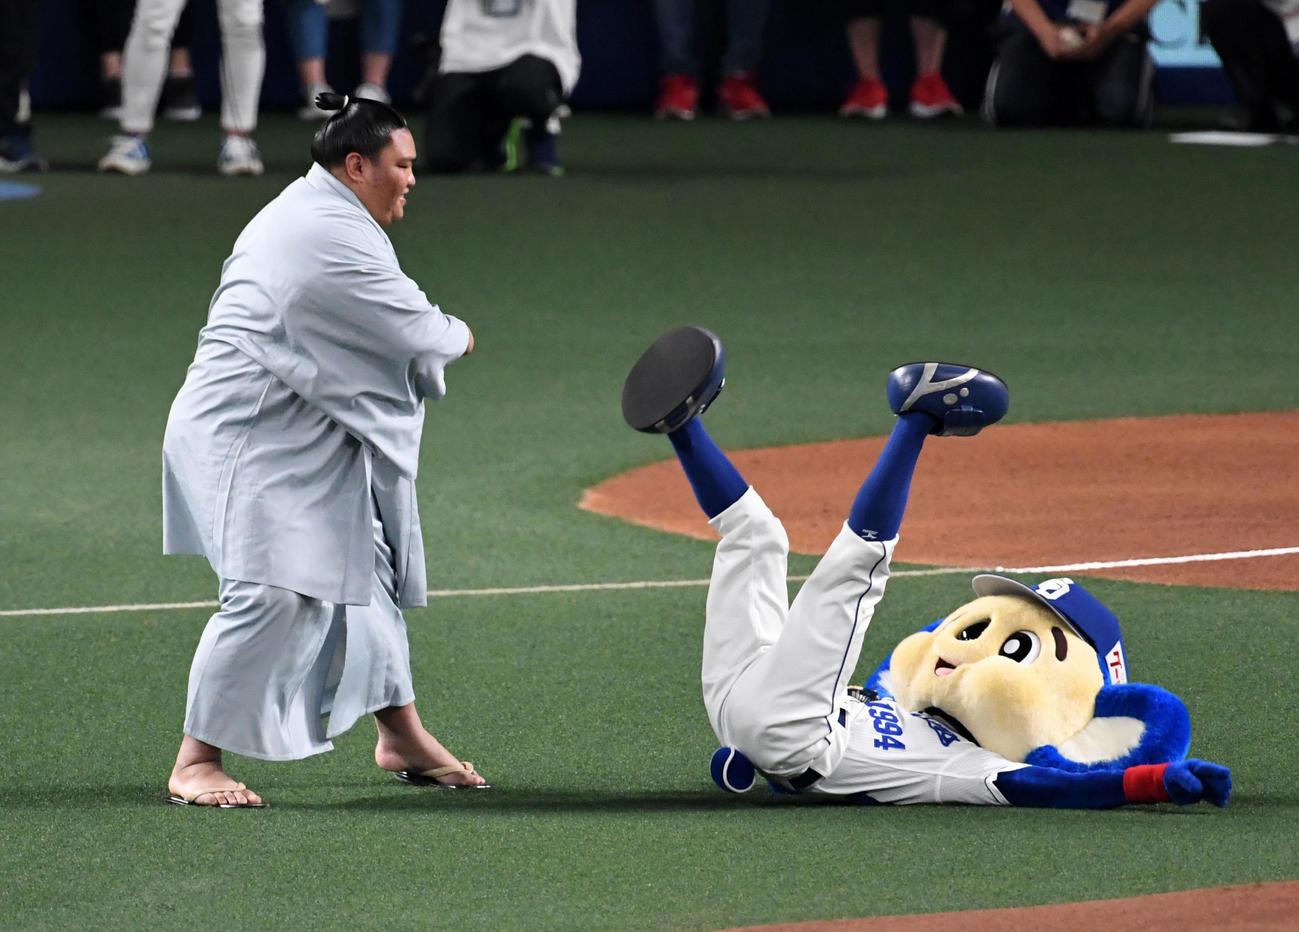 中日対日本ハム スピードボールコンテストに出場した御嶽海は、投球前にドアラと相撲を取り完勝(19年6月23日撮影)